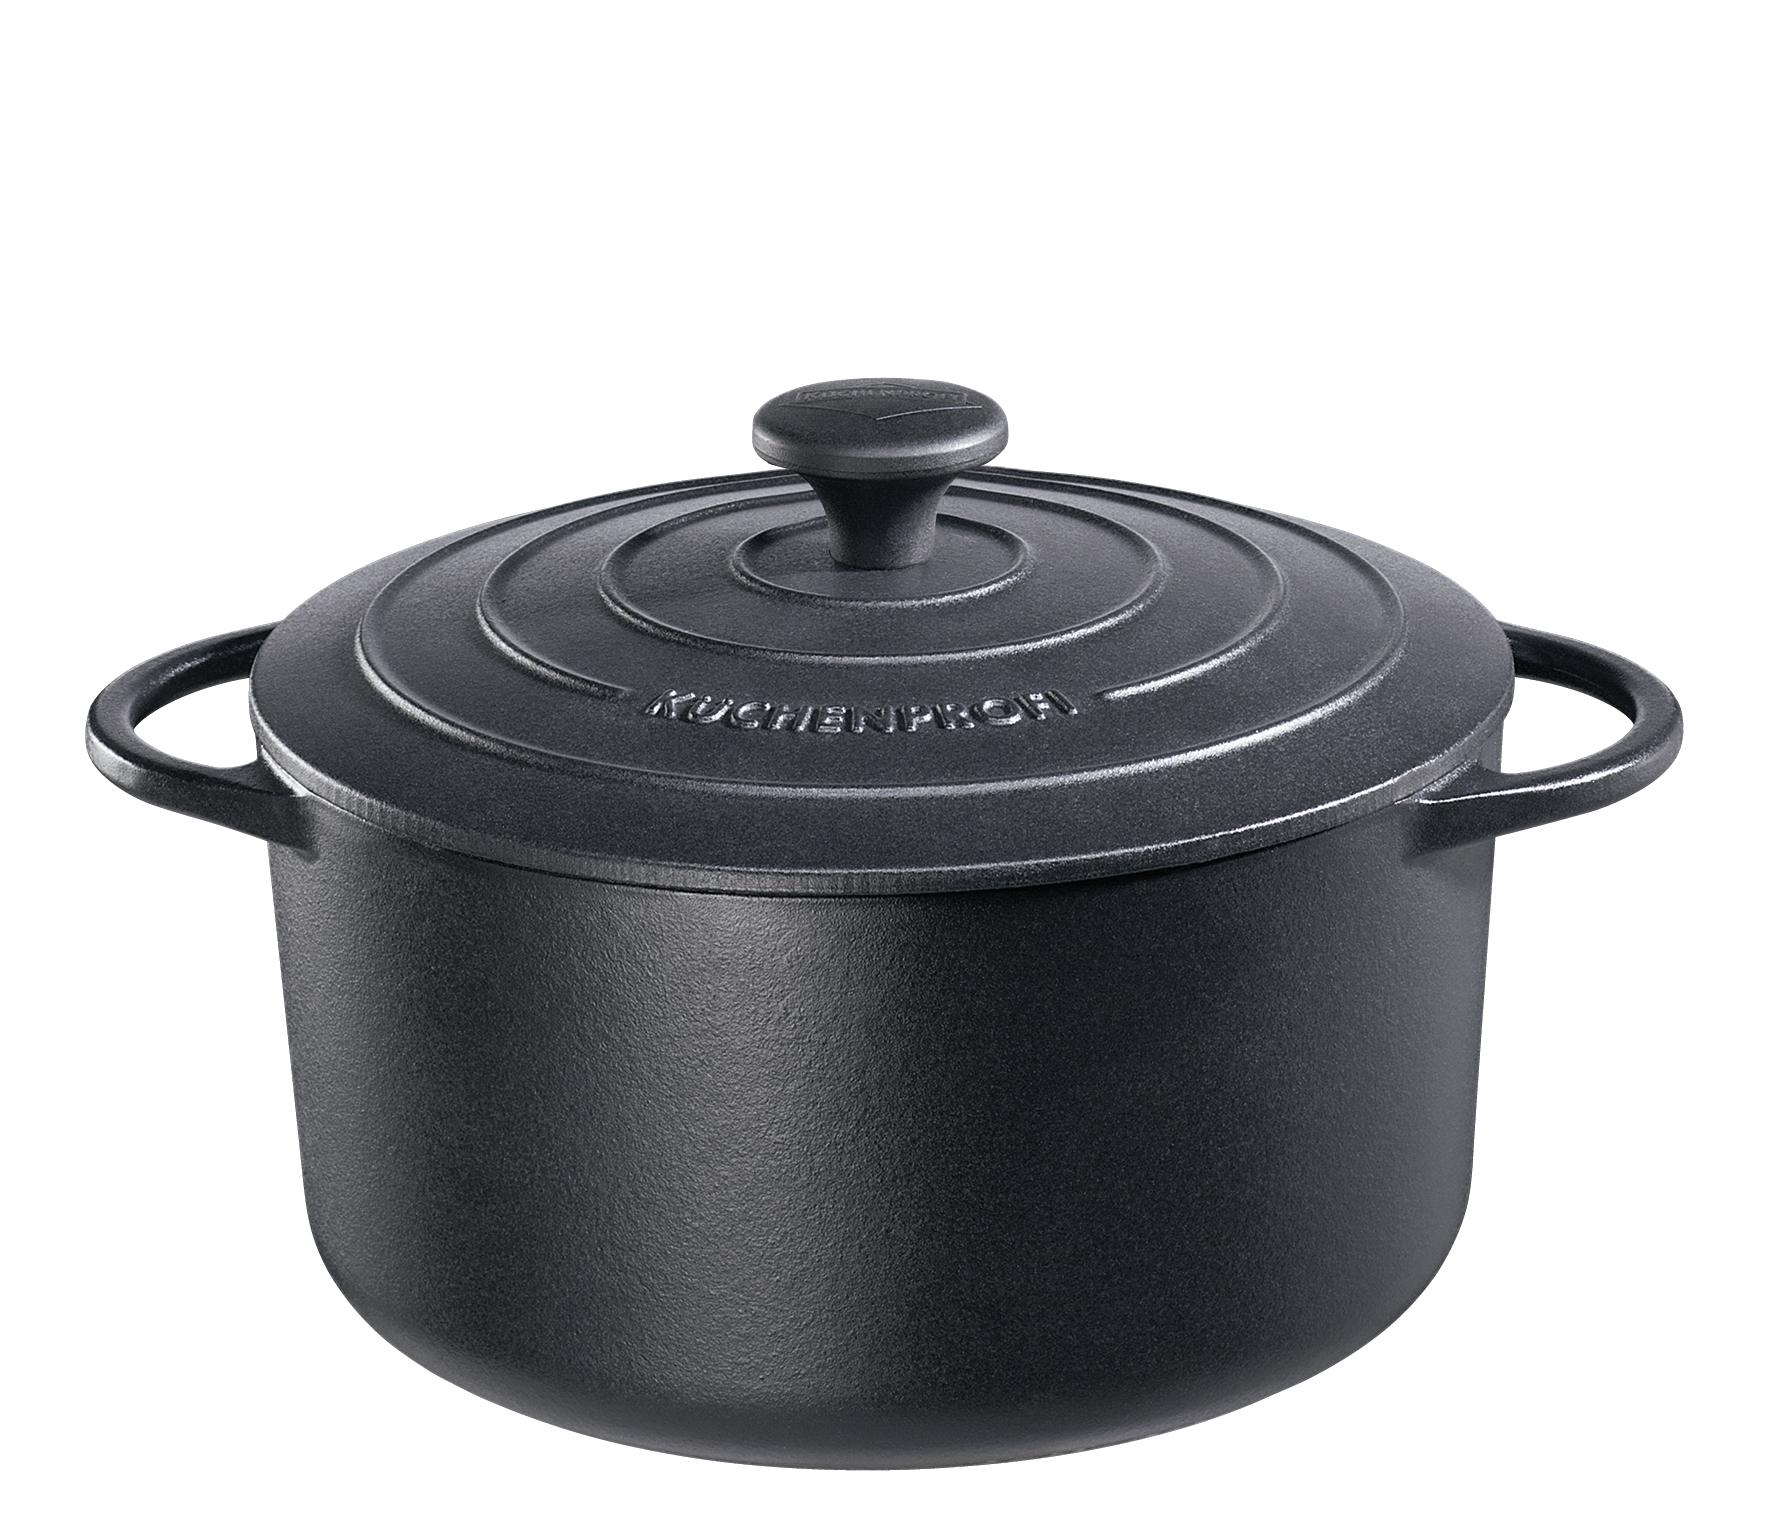 Litinový hrnec 26 cm černý Provence - Küchenprofi